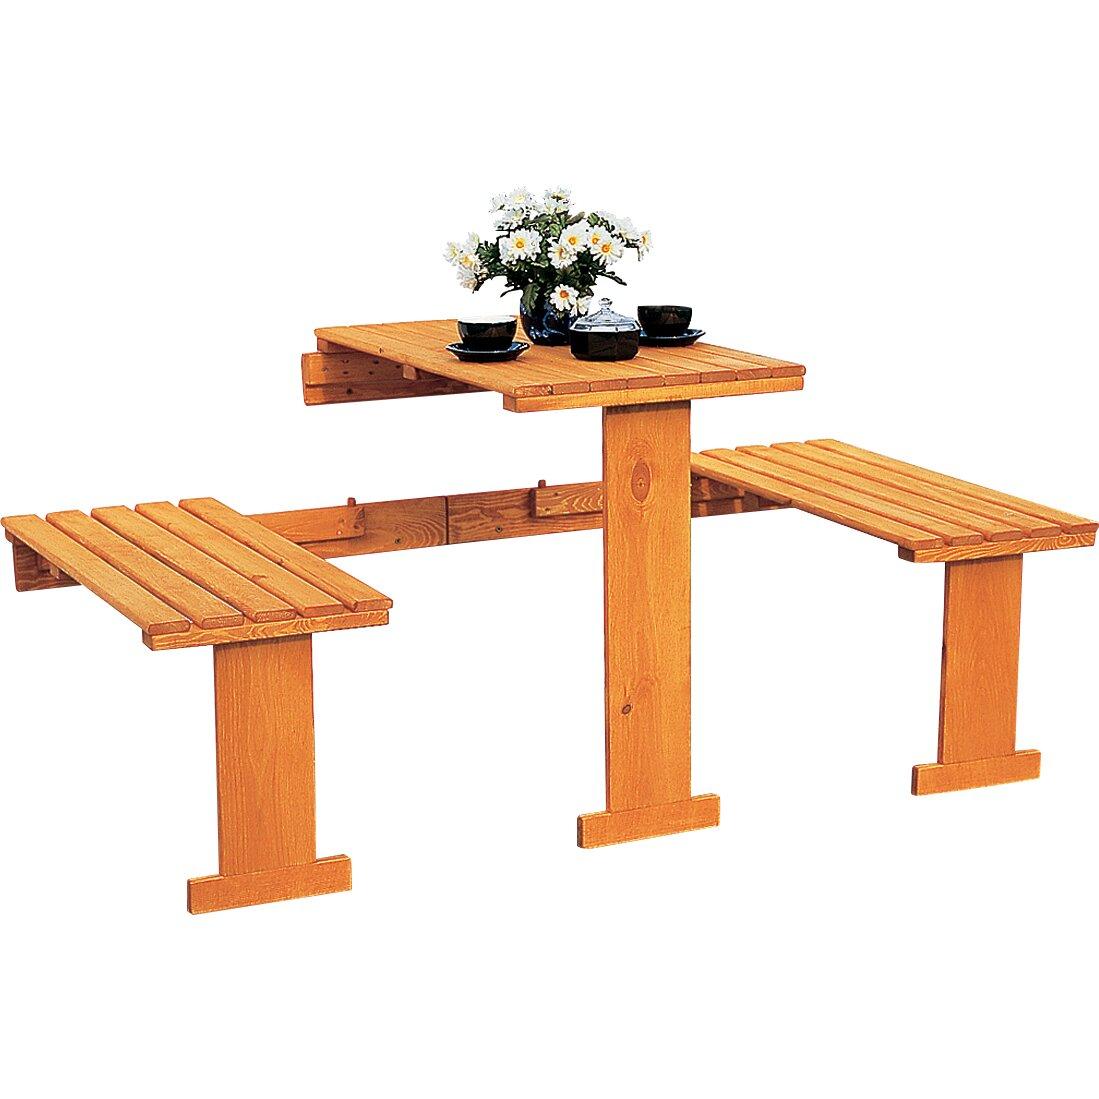 dcor design 3 piece dining set wayfair uk. Black Bedroom Furniture Sets. Home Design Ideas